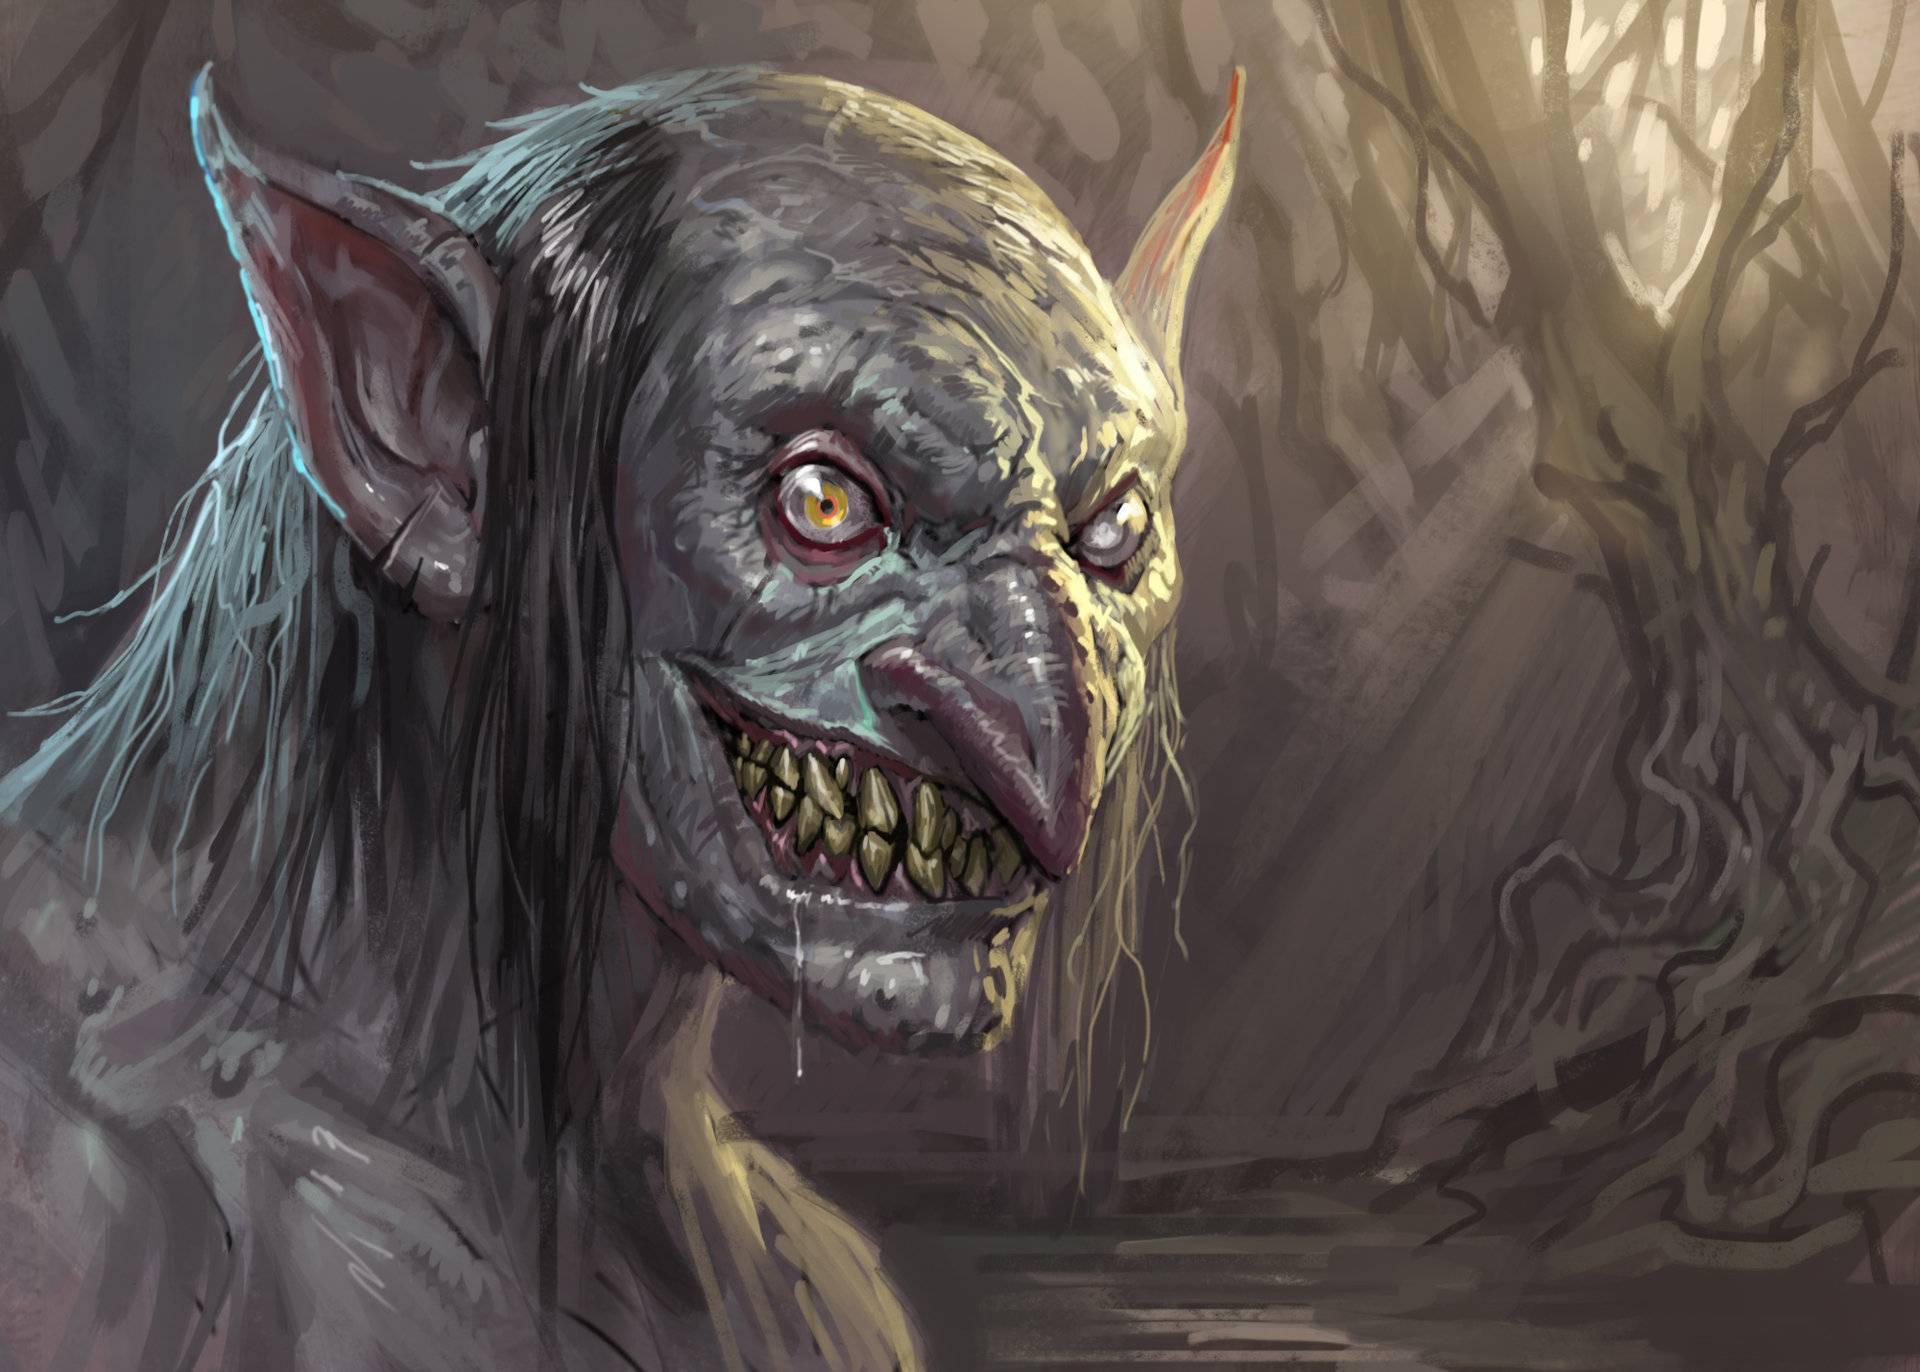 Имп — зловредное существо, любящее розыгрыши